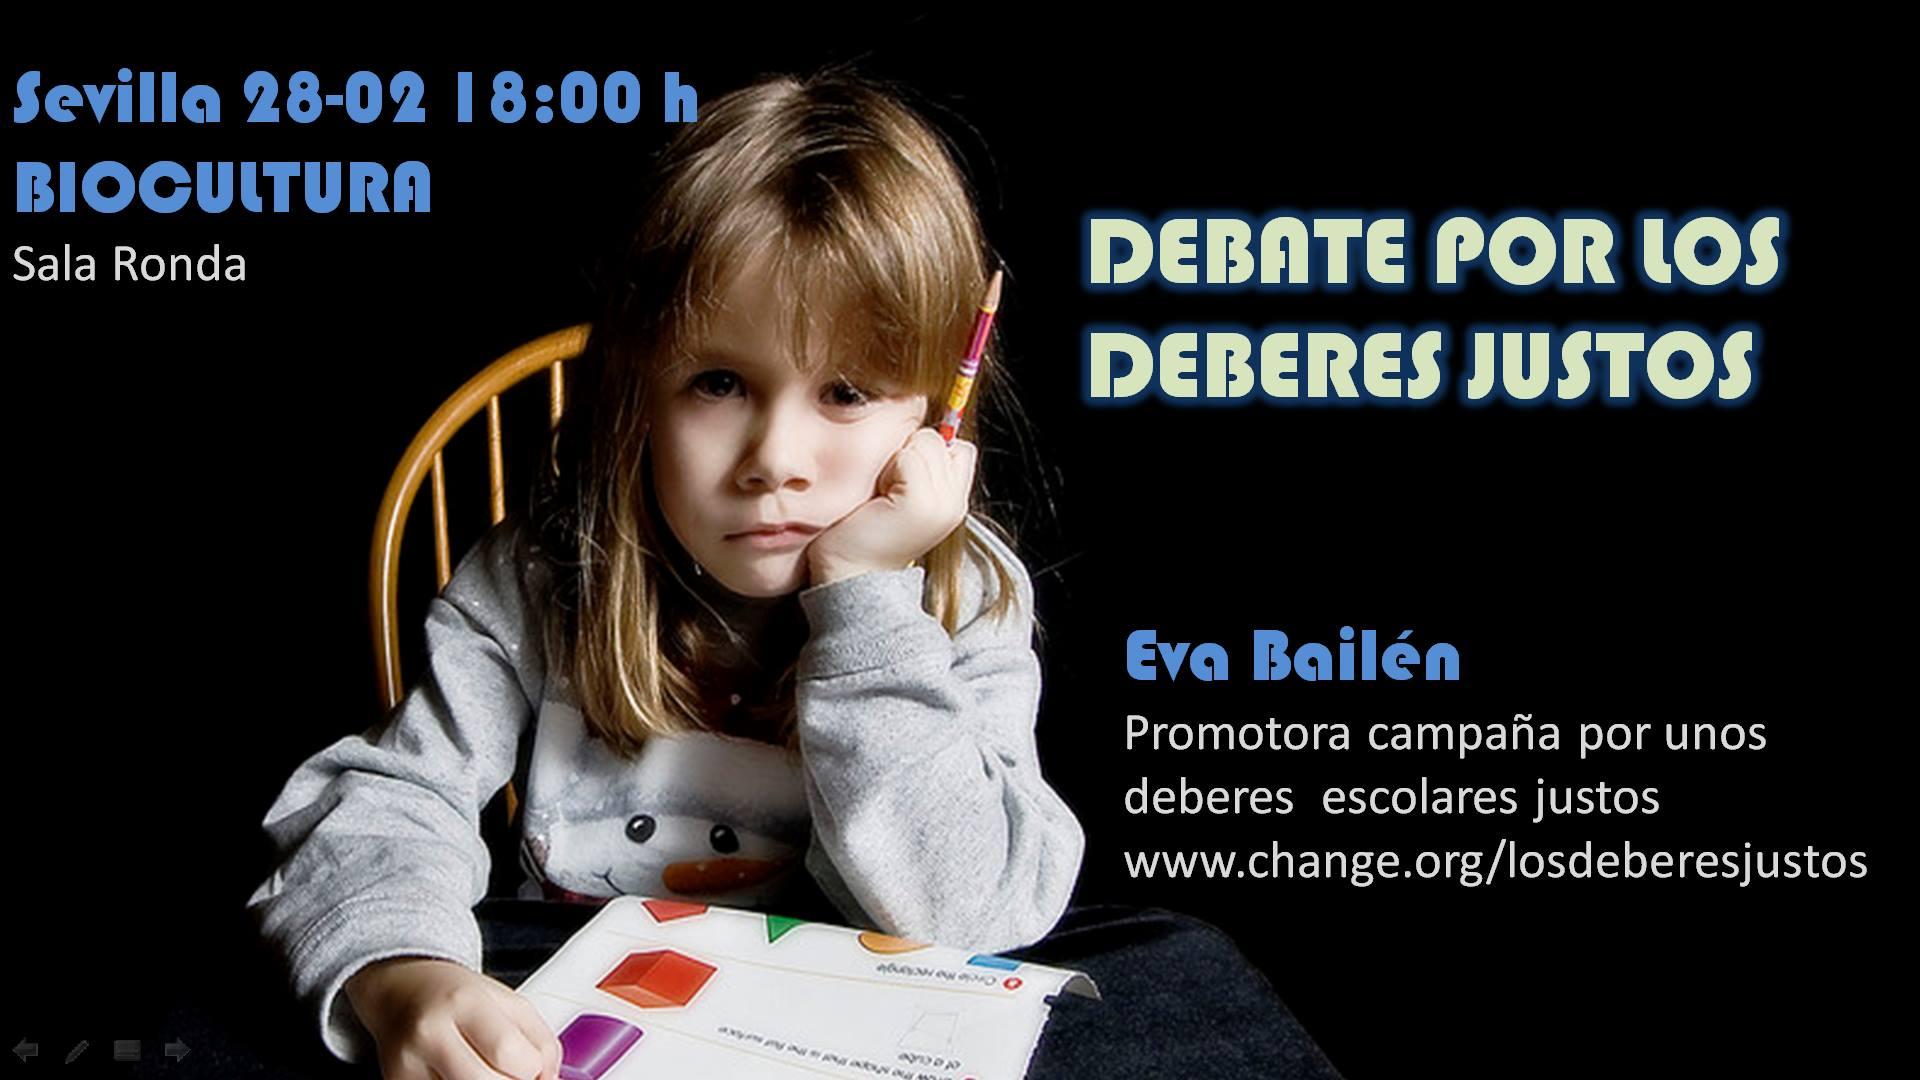 Debate por los deberes justos. Biocultura (Sevilla) 2106